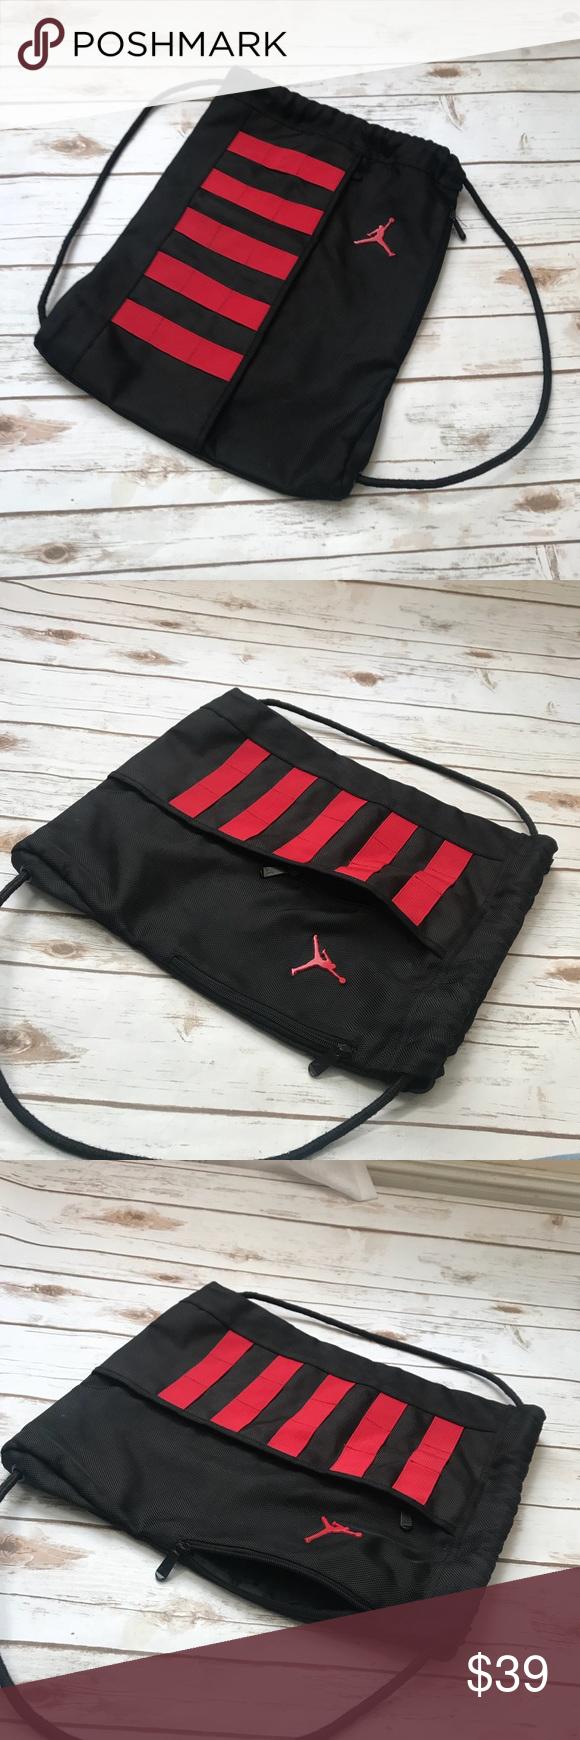 179b9c3c5b47 Nike Jordan String Gym Bag Nike Jordan String Gym Bag